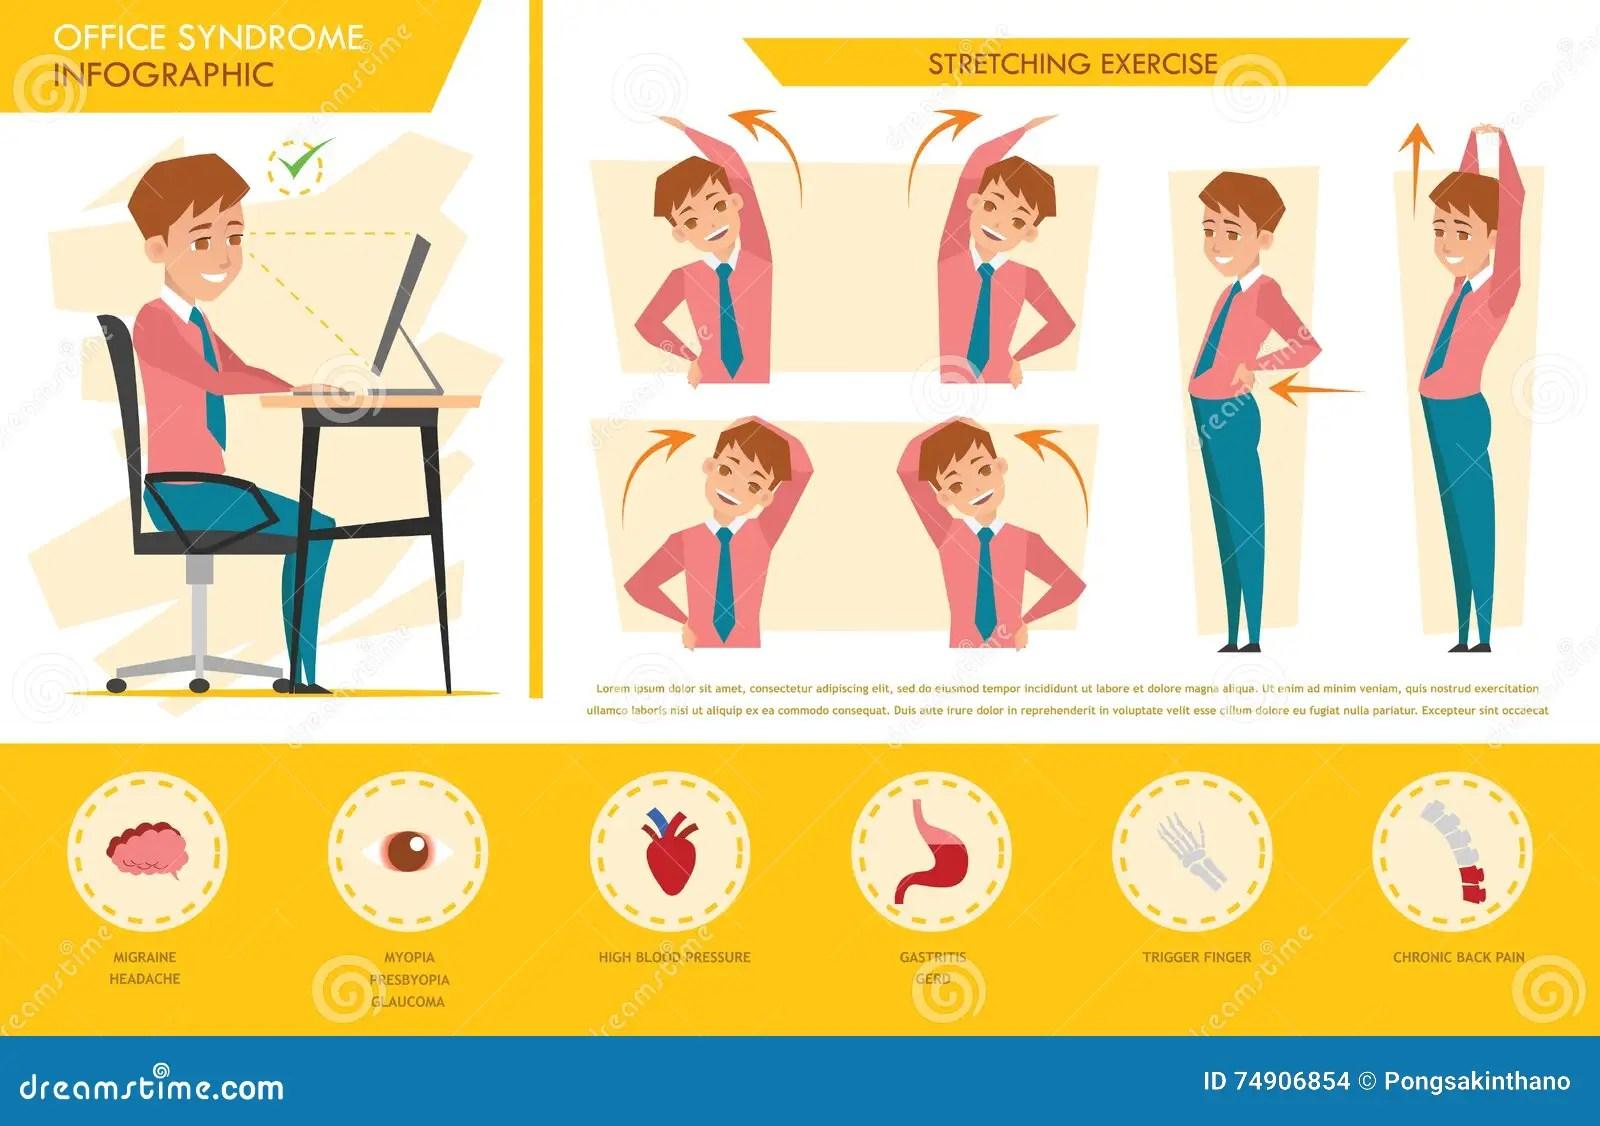 equipez le graphique d infos de syndrome de bureau et exercice d etirage